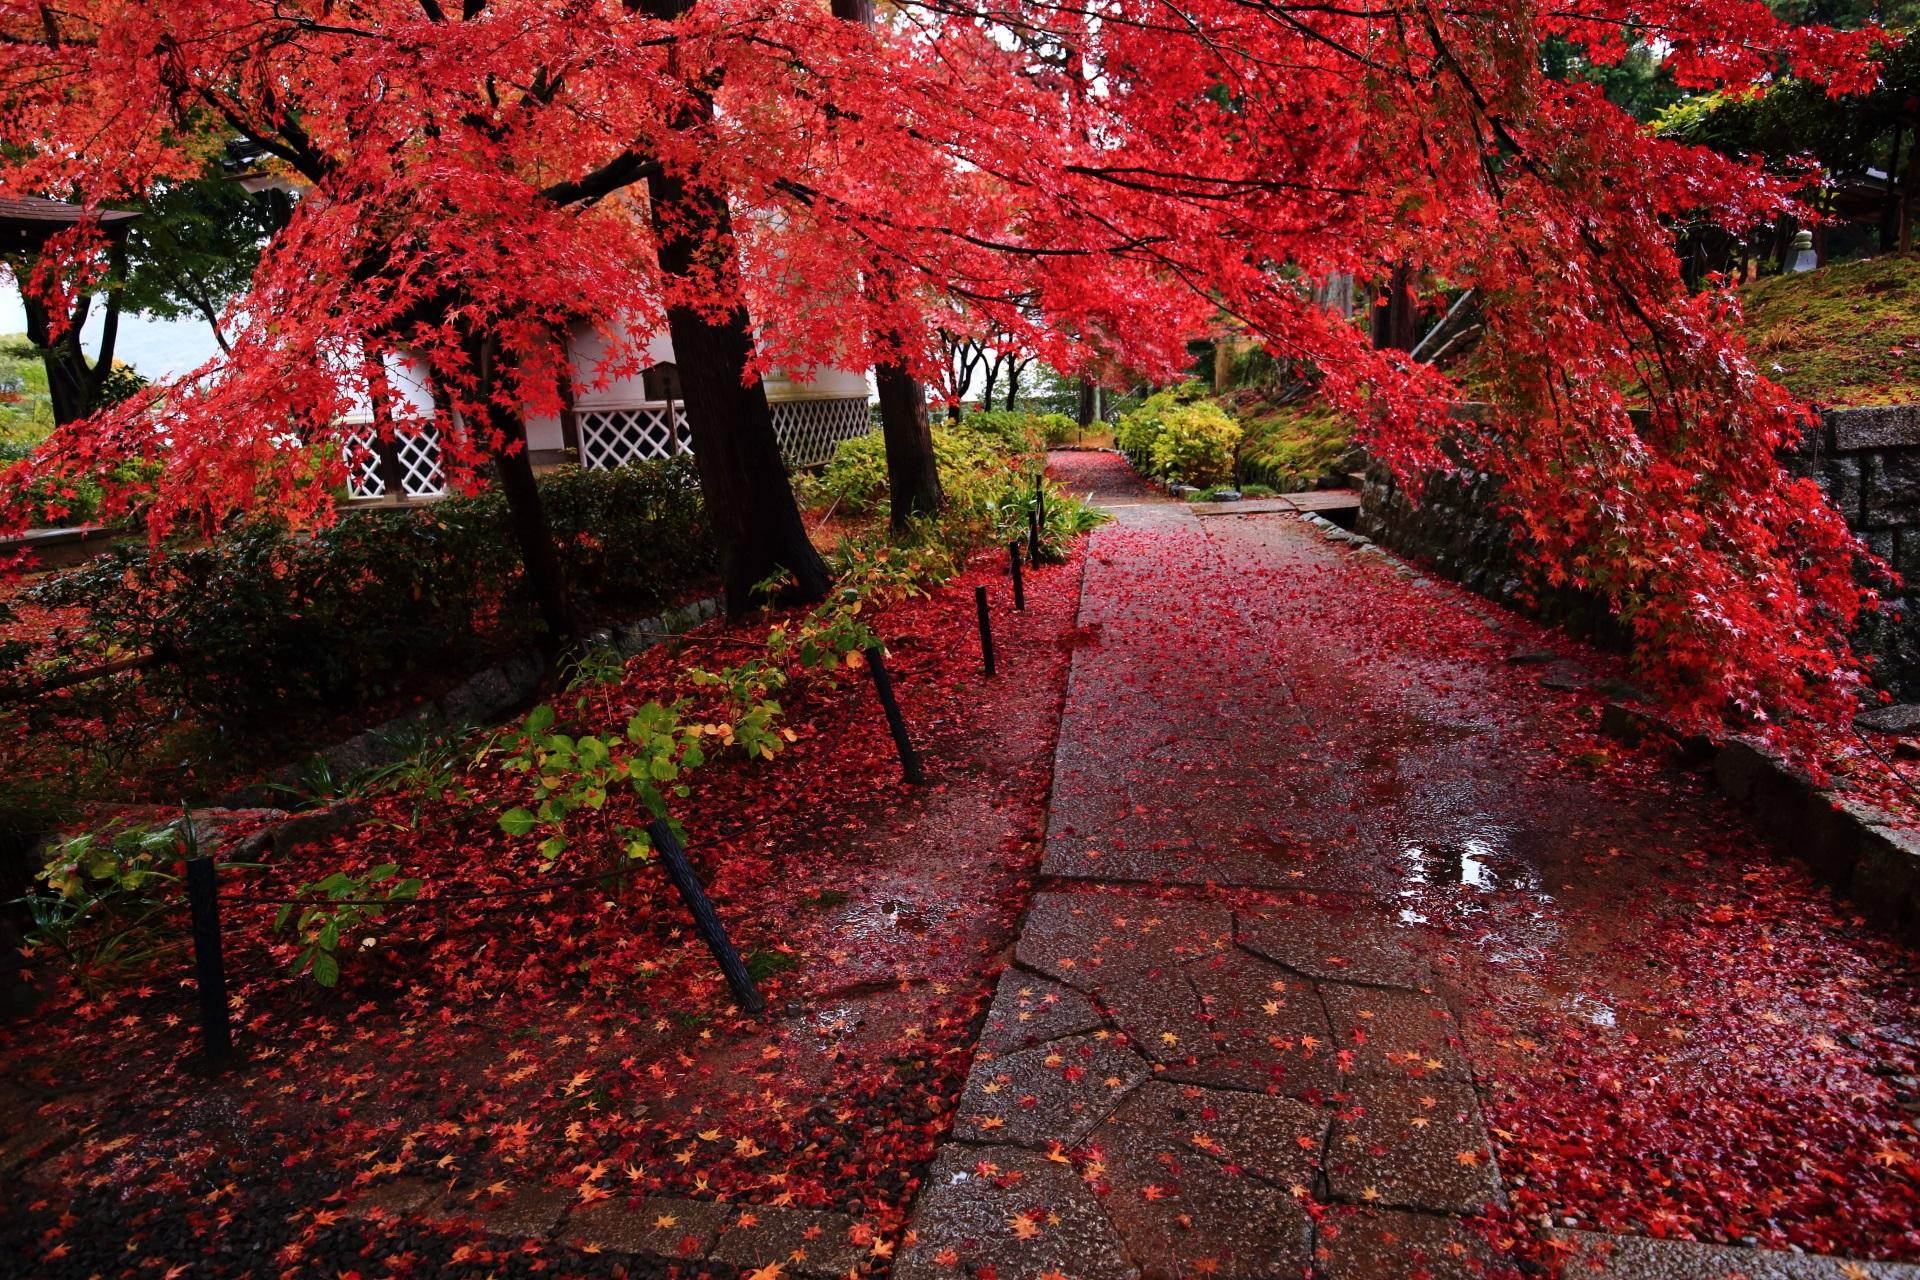 雨で潤う石畳の参道も赤く染める紅葉